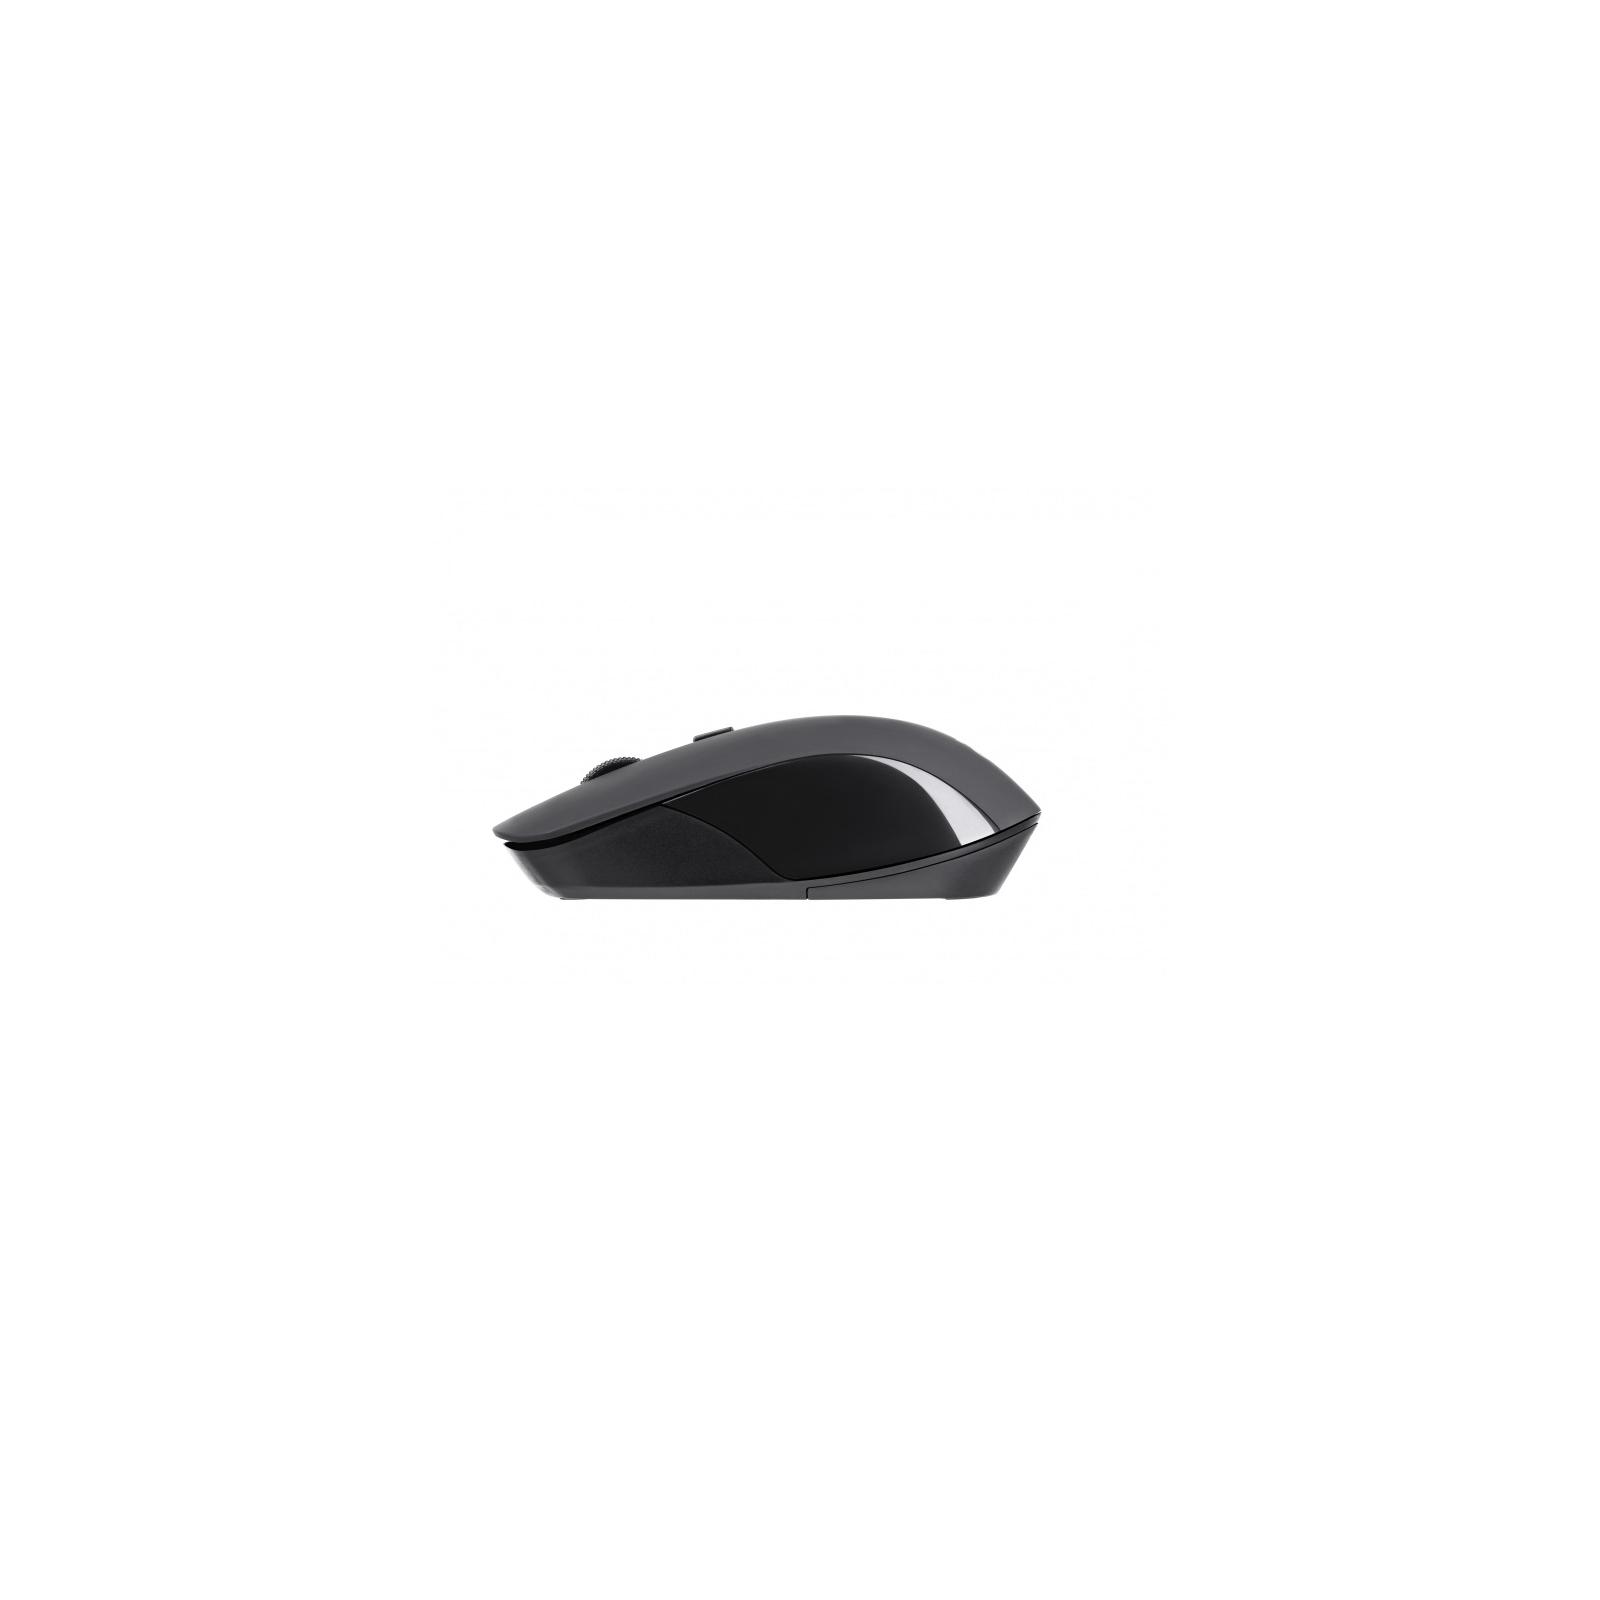 Мышка 2E MF211 Wireless Gray (2E-MF211WC) изображение 4